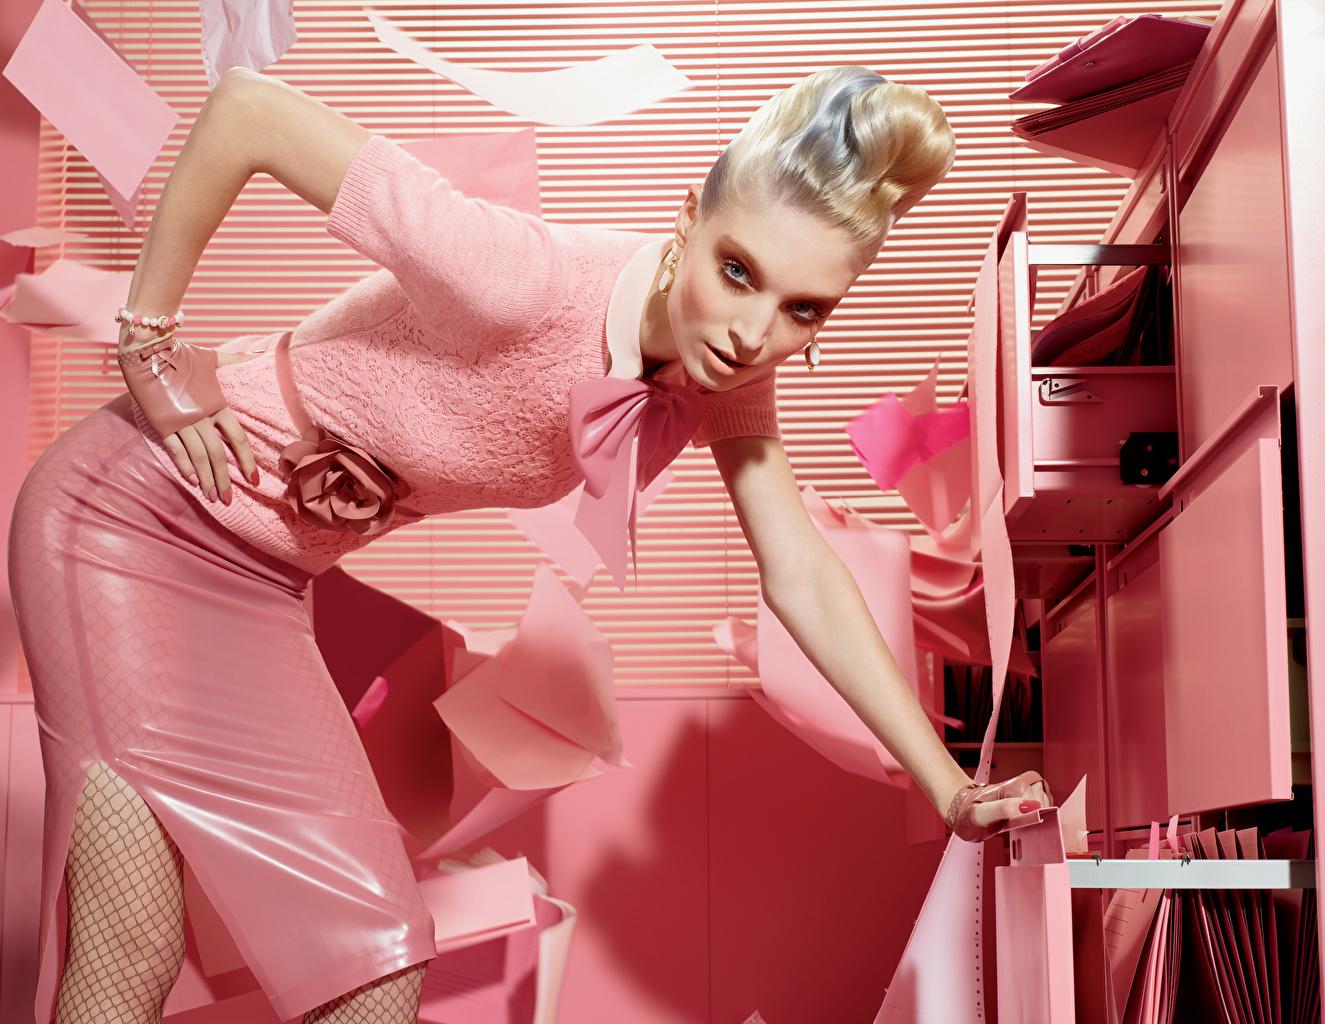 Fotos von Blond Mädchen Pose Mädchens Rosa Farbe Hand Glamour Starren Blondine posiert junge frau junge Frauen Blick